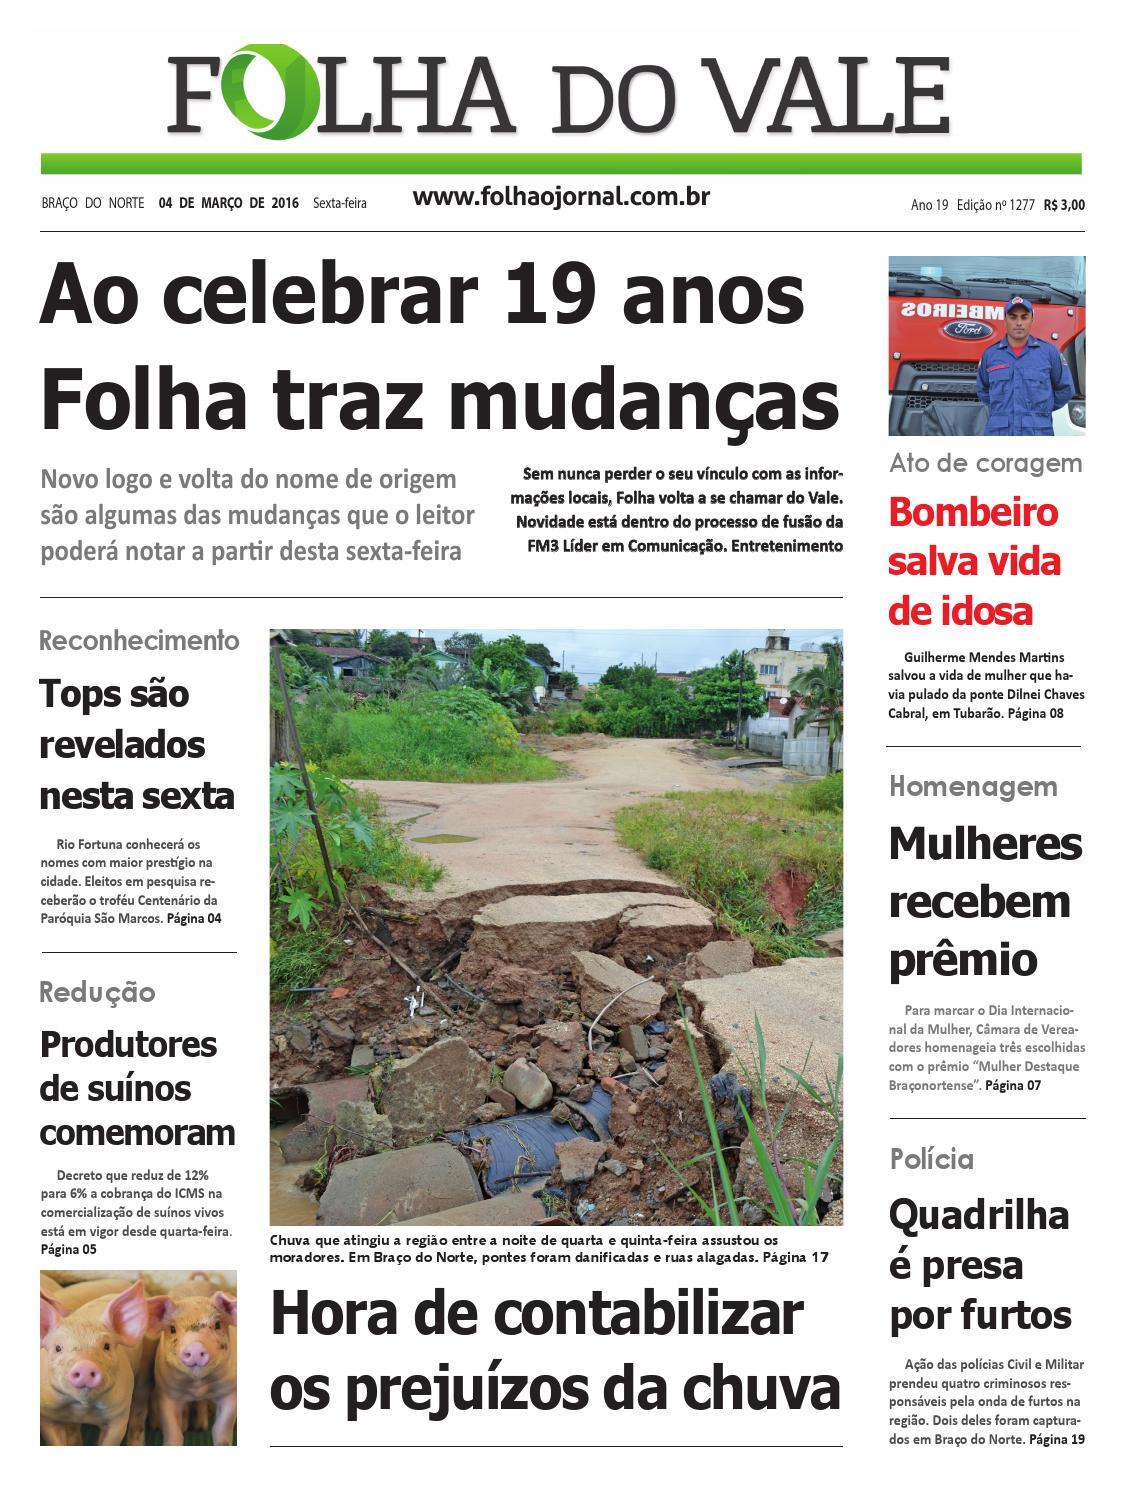 S23sa2a3s2da3s21da23s1d3asd423asd2as1d by Folha do Vale - issuu 0c31e2a4c5b4c